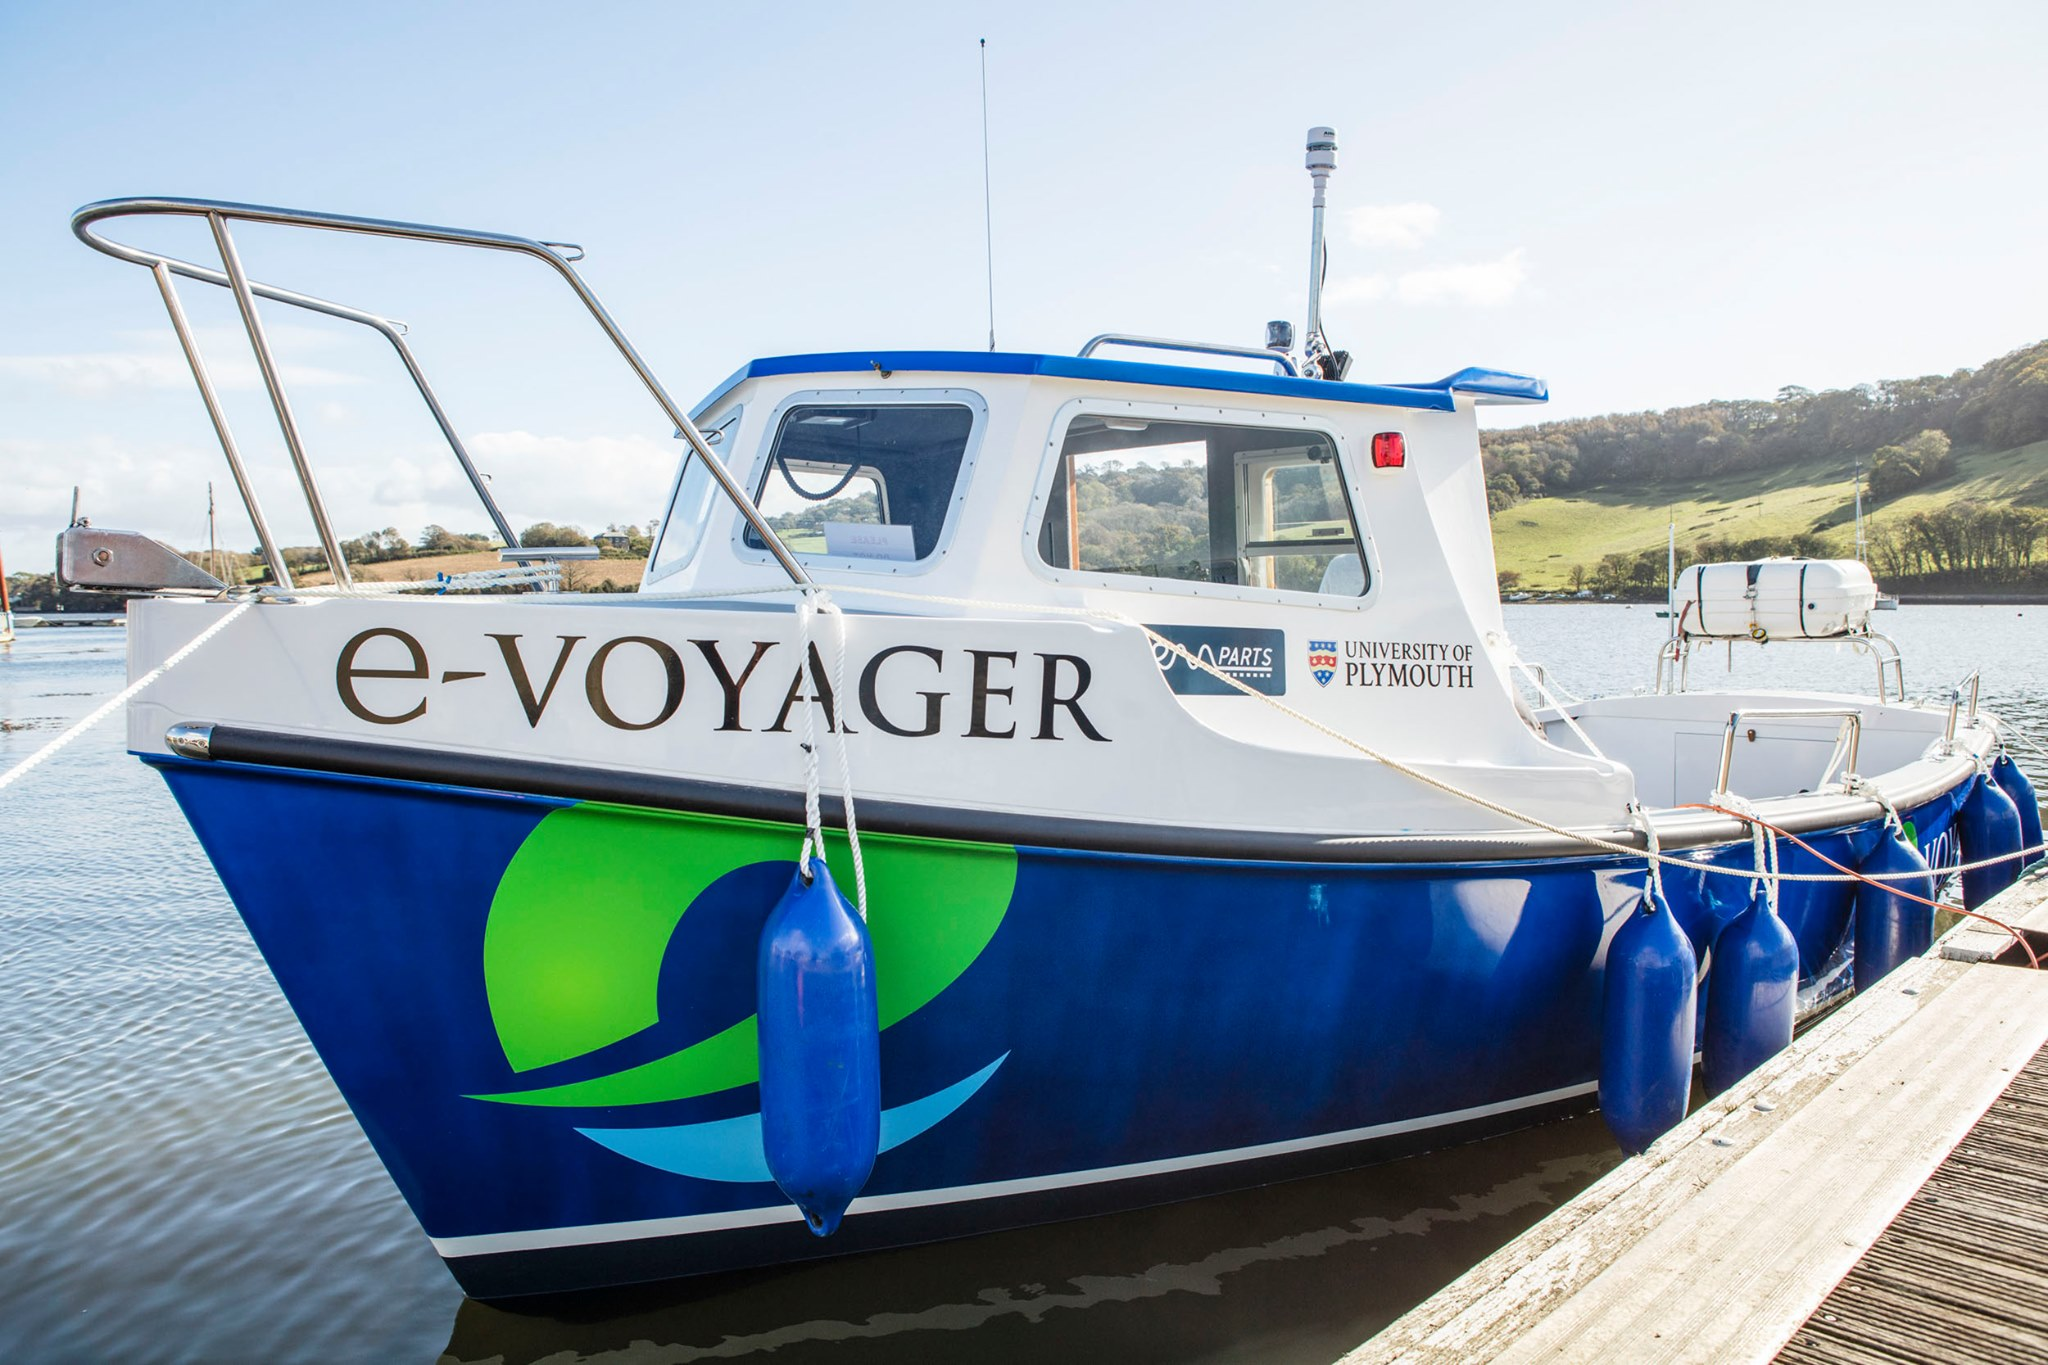 Royaume-Uni : un premier bateau électrique mis à l'essai à Plymouth